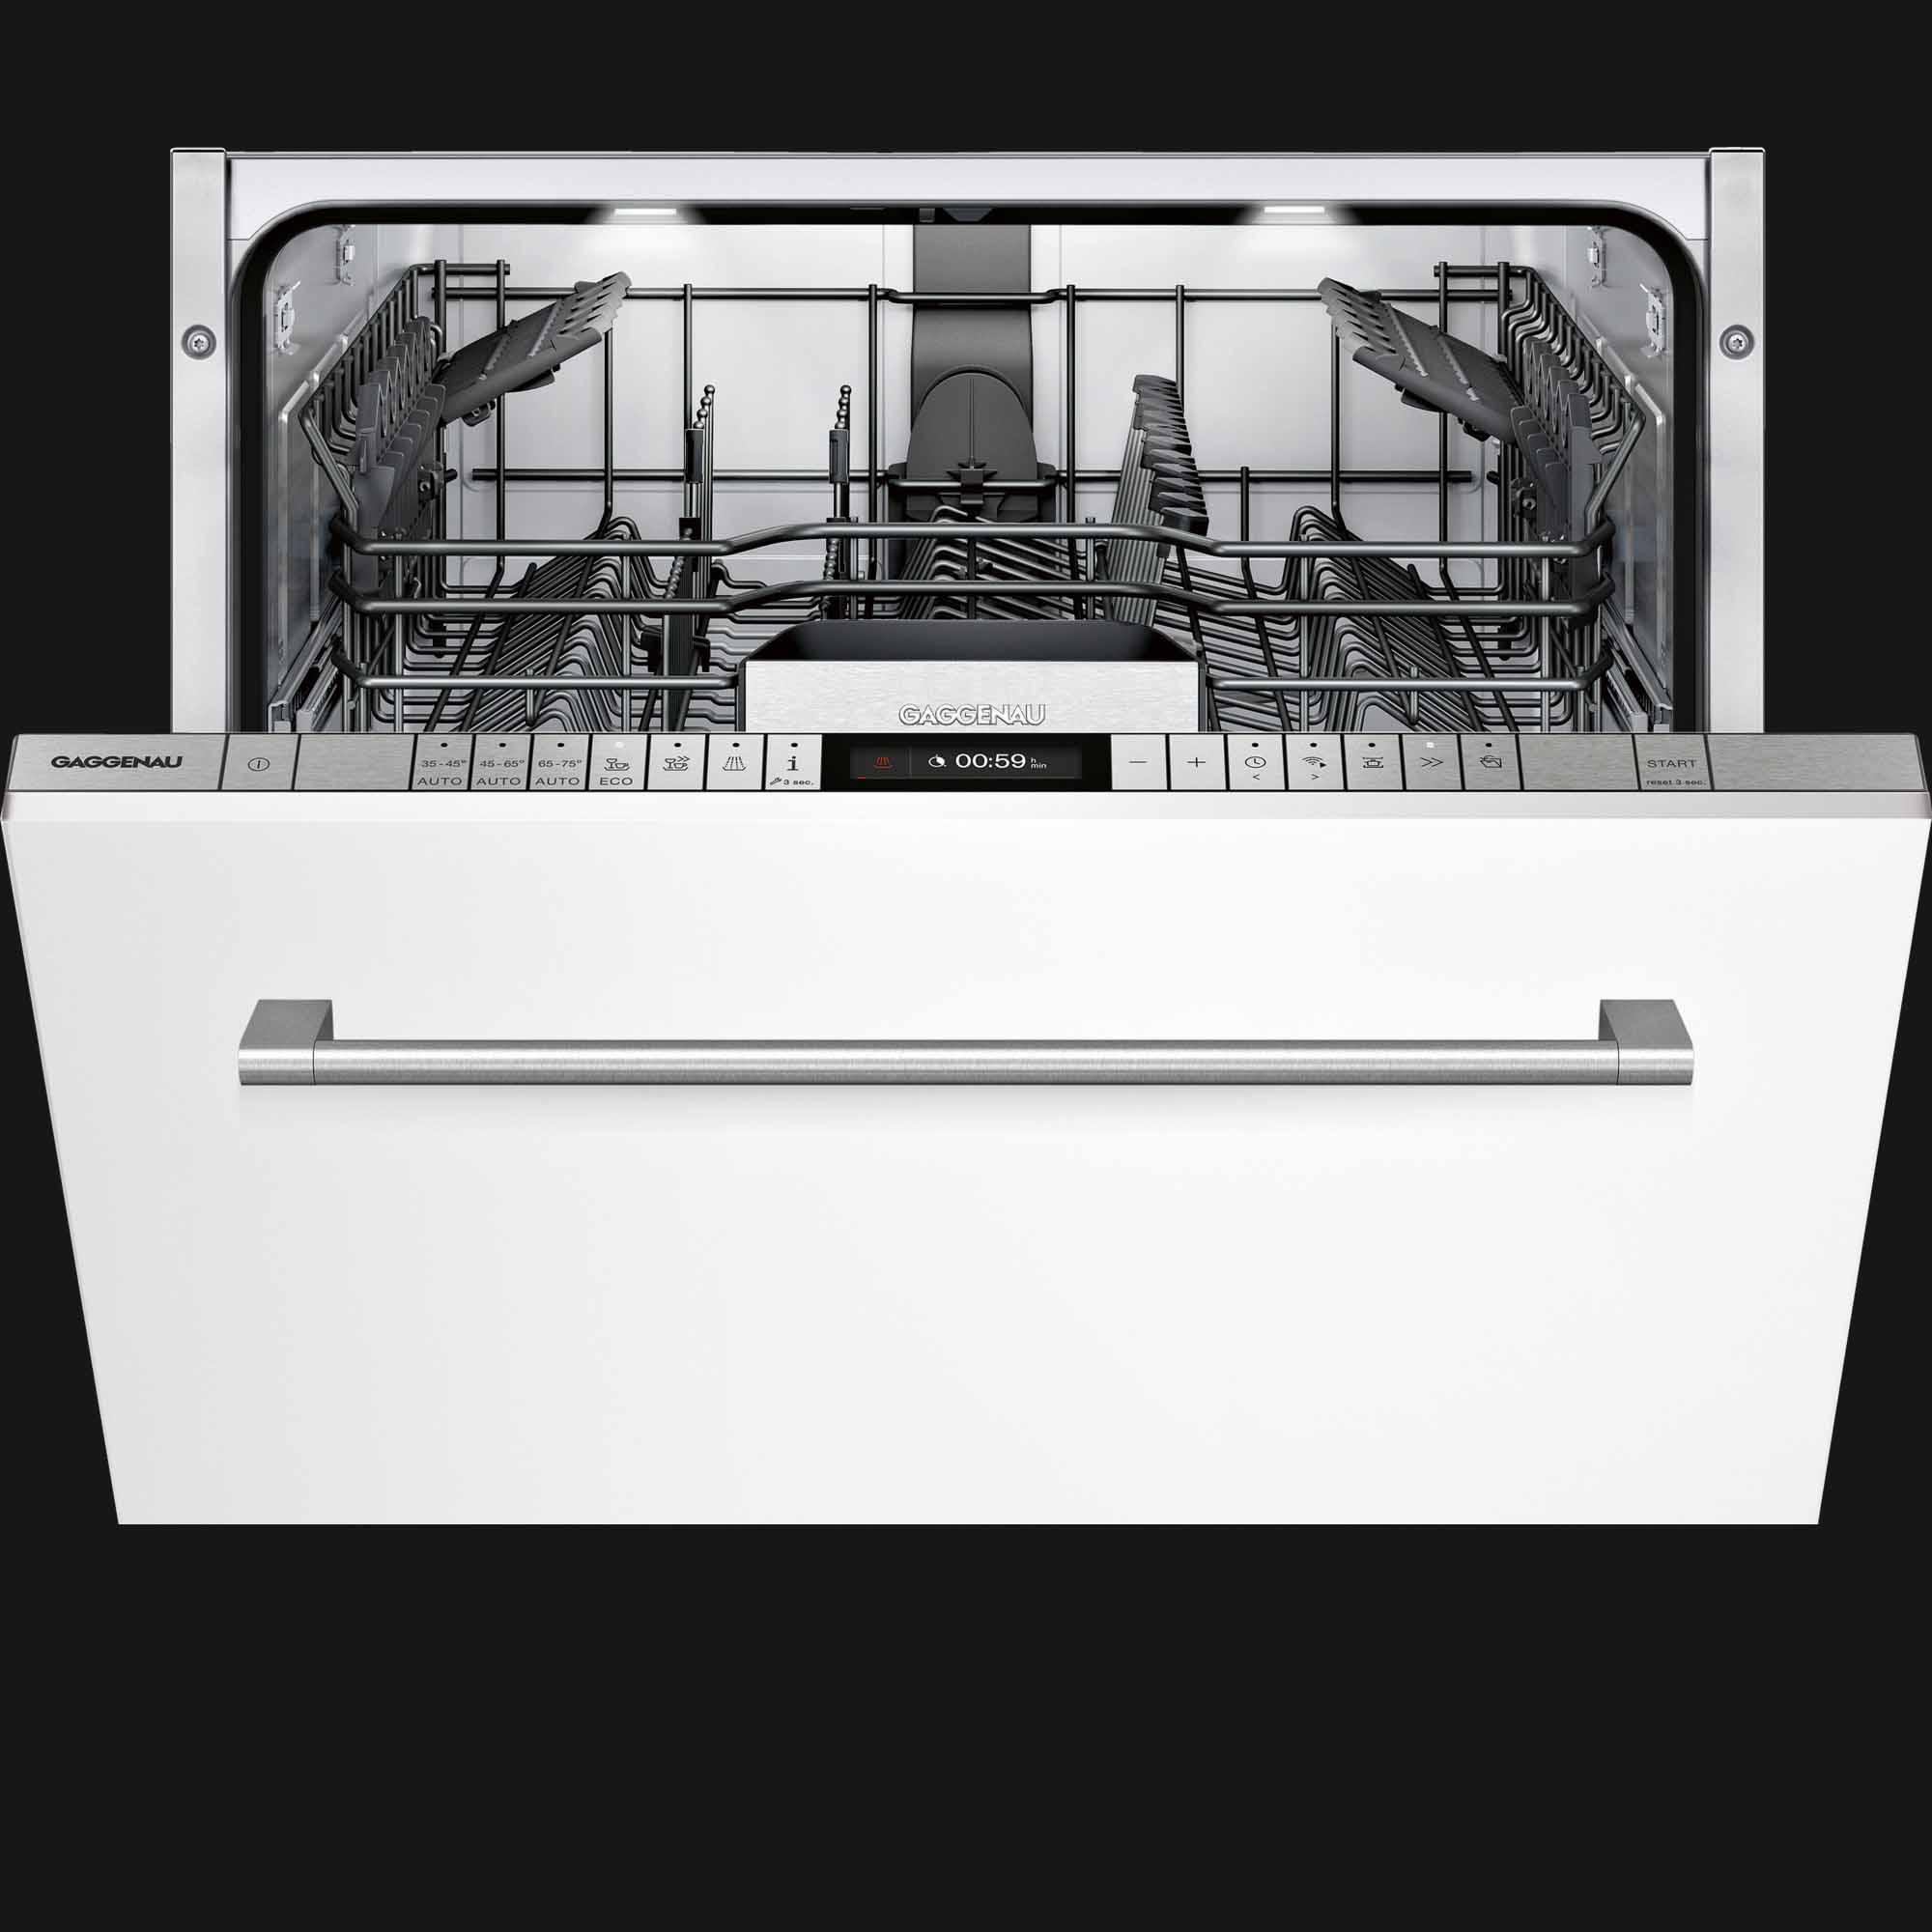 Посудомийна машина GAGGENAU DF261165F